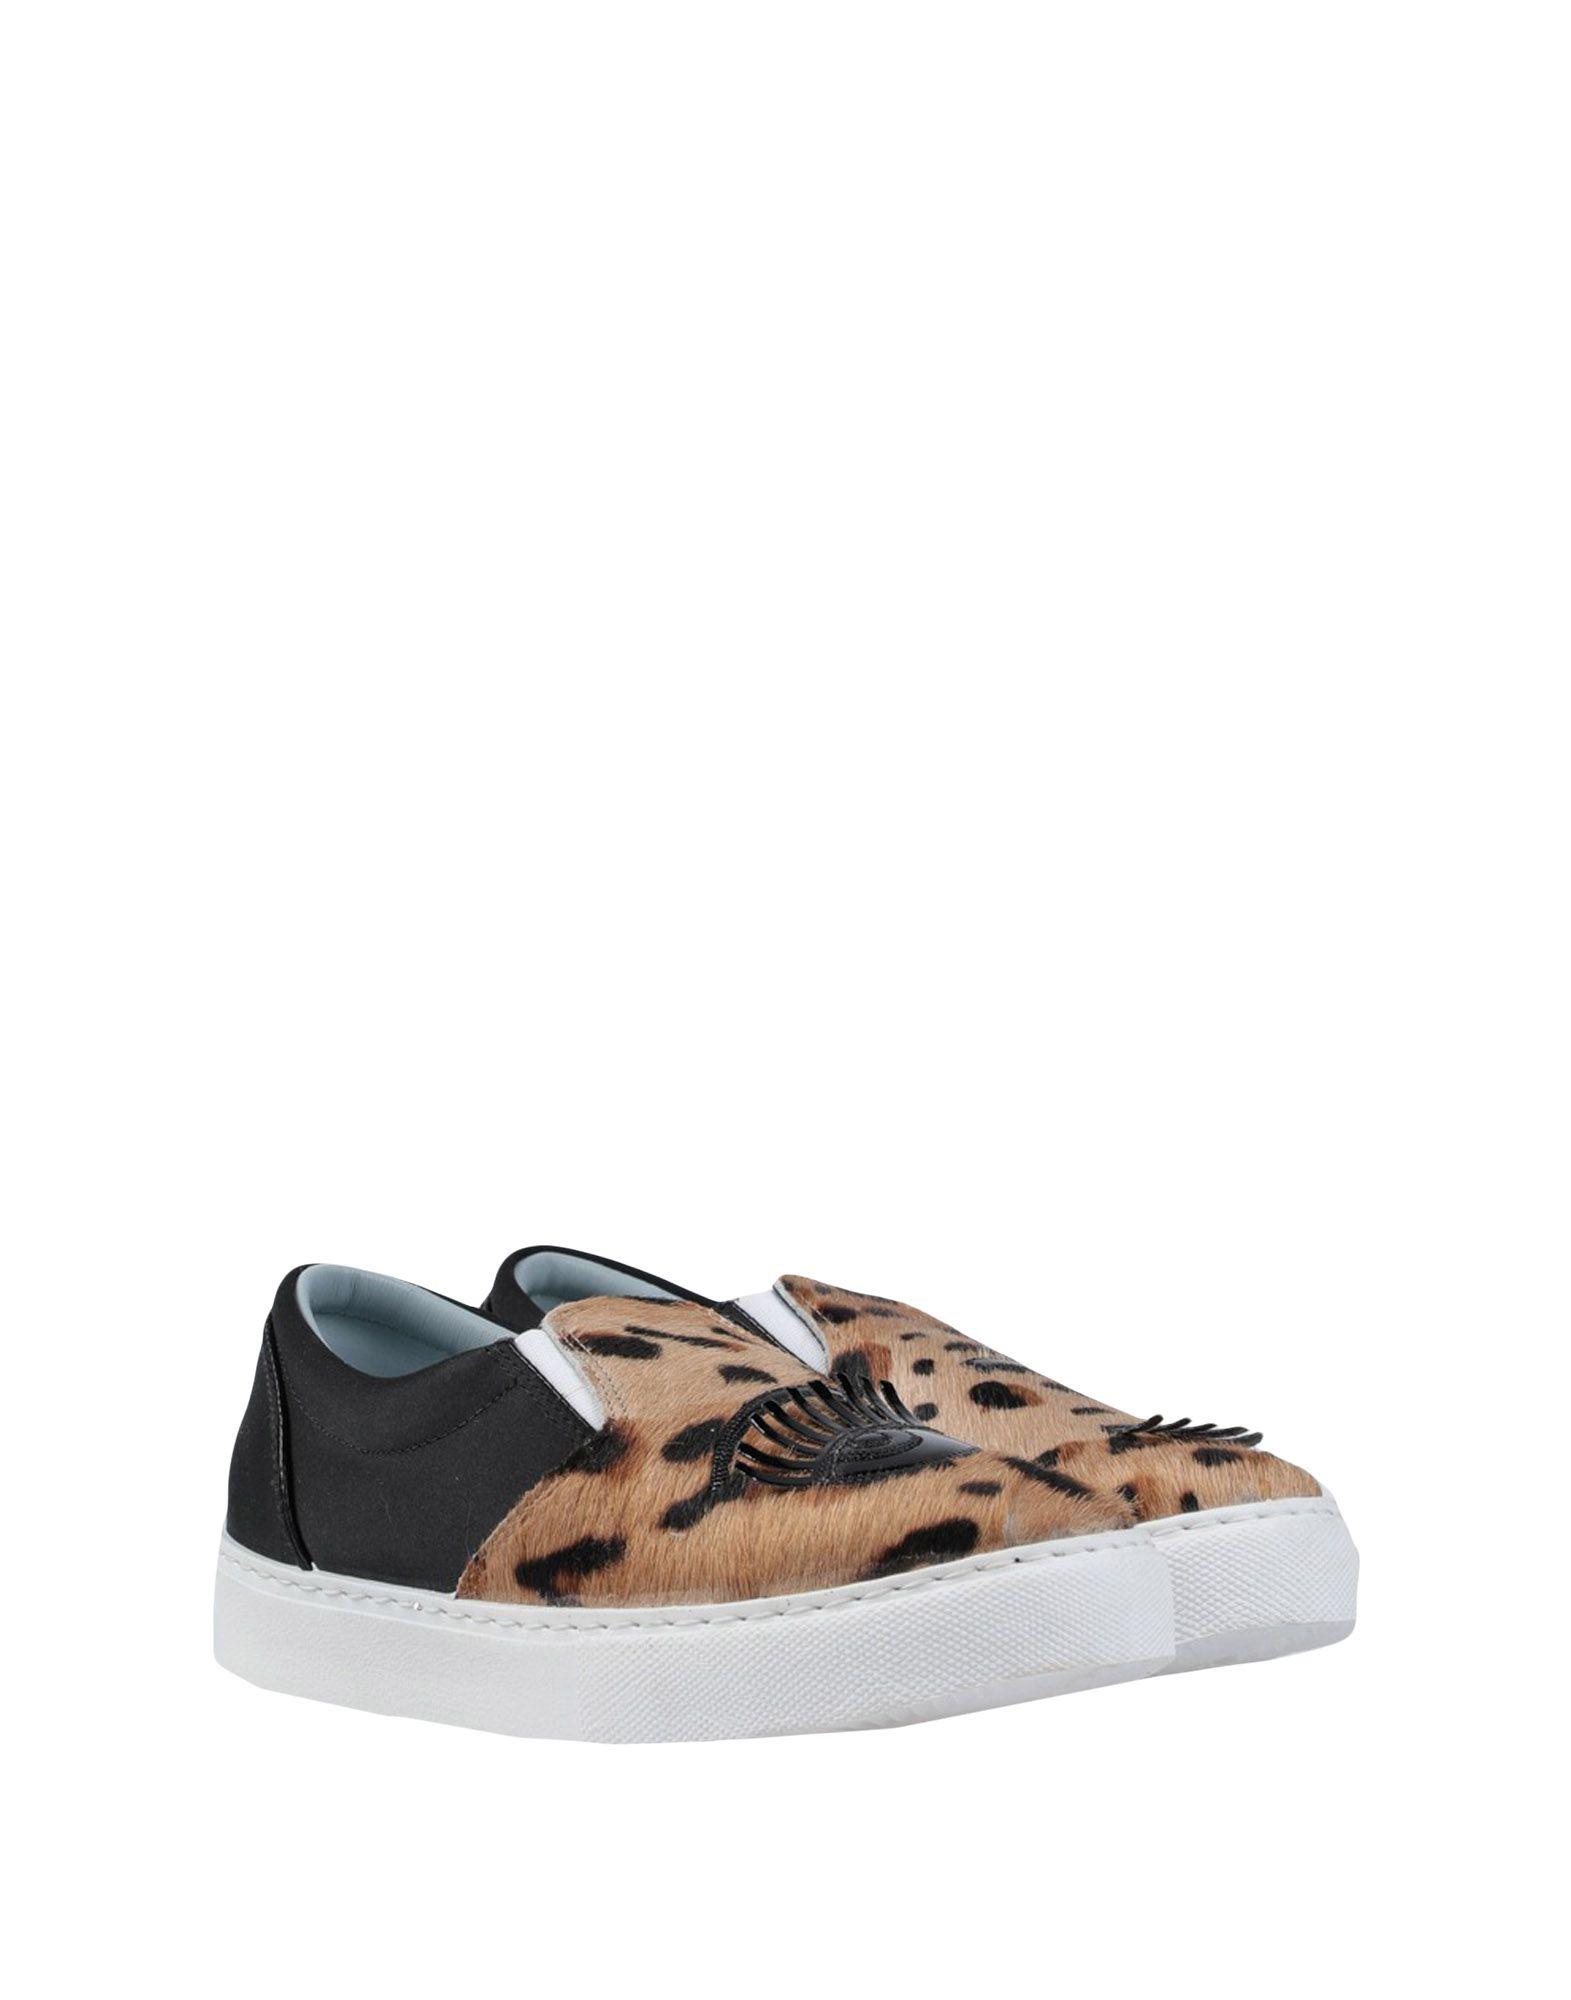 Chiara Ferragni 11546749AWGut Sneakers Damen  11546749AWGut Ferragni aussehende strapazierfähige Schuhe fce8d5